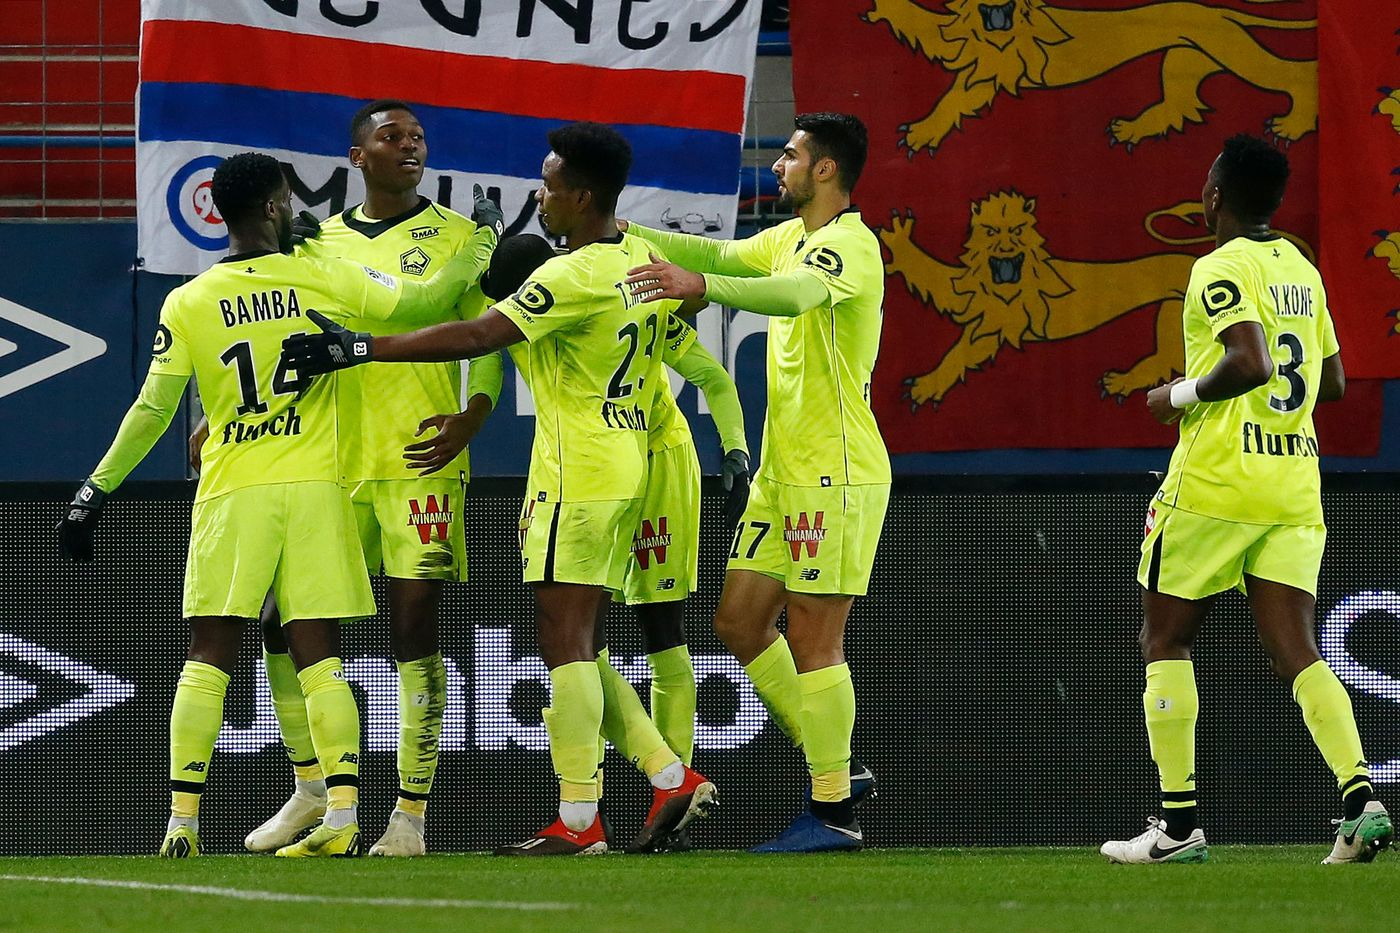 Lilla-Monaco 15 marzo: si gioca per la 29 esima giornata del massimo campionato francese. Sfida che si può rivelare equilibrata.